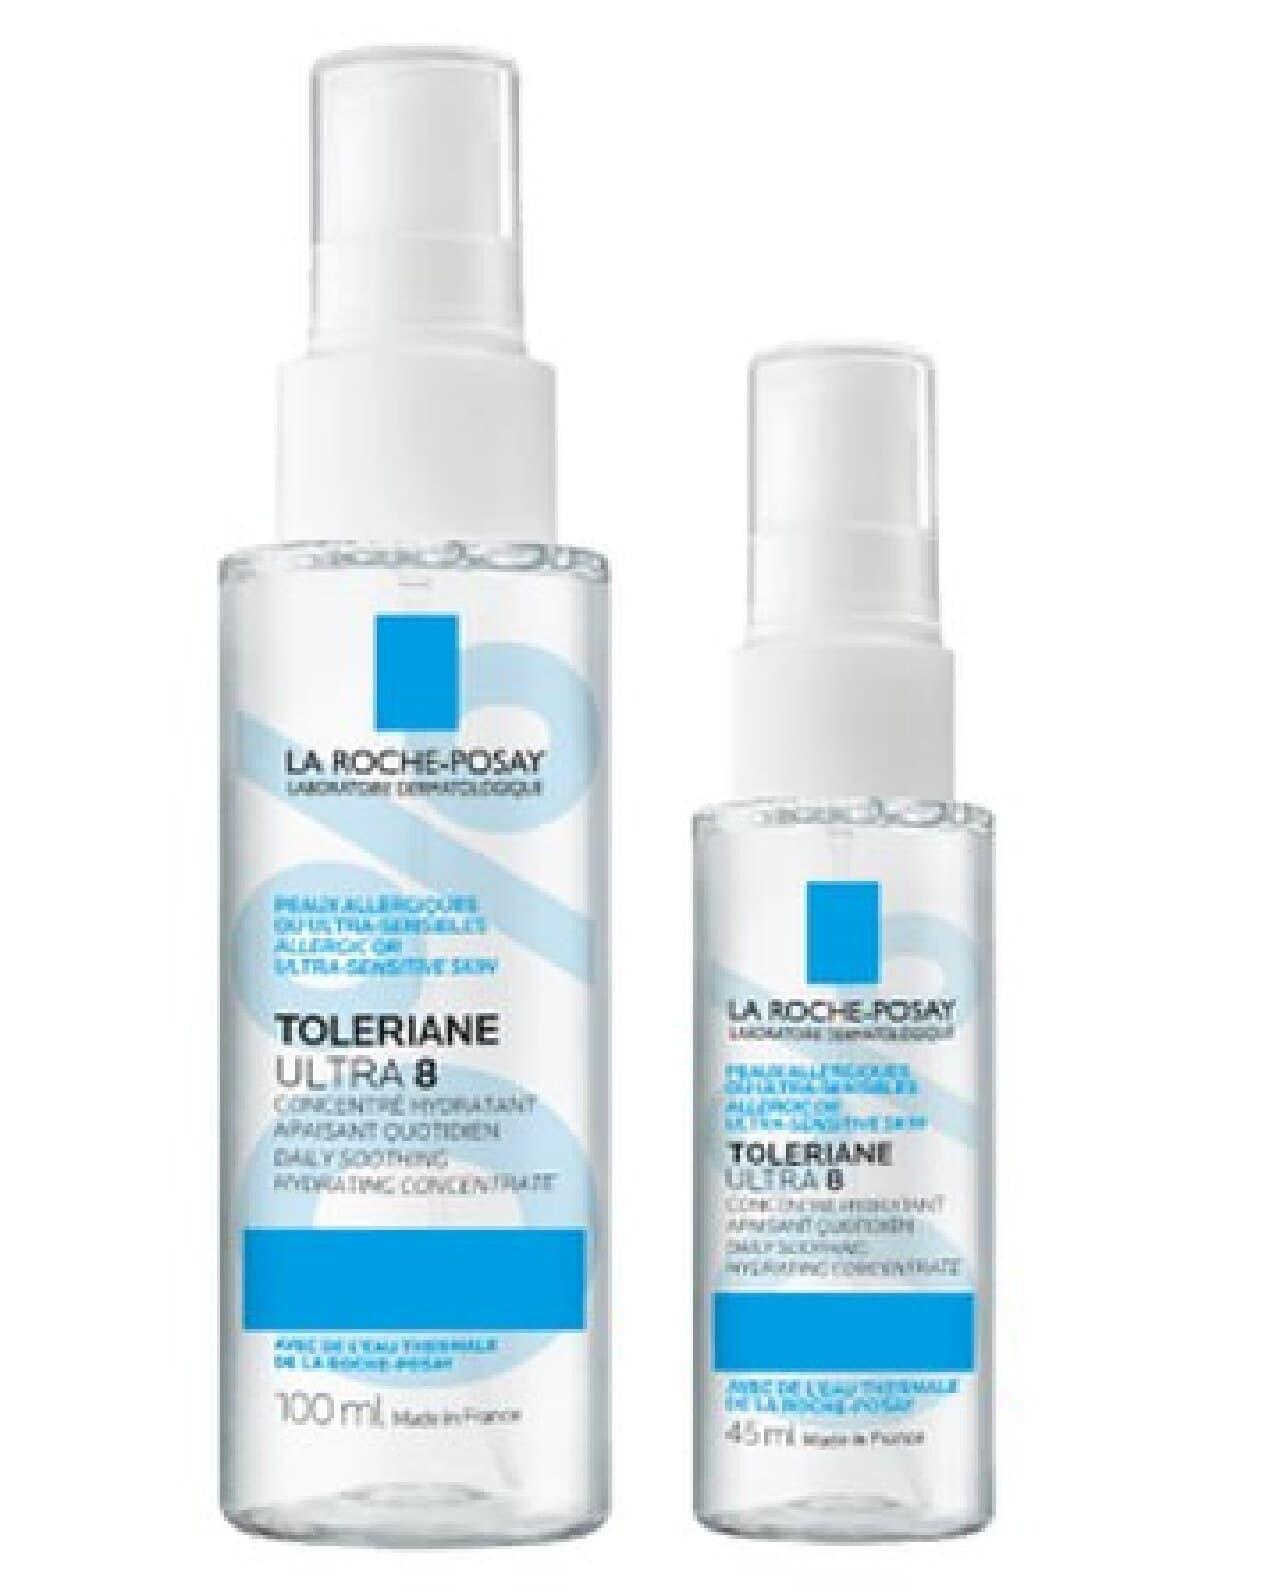 ラ ロッシュ ポゼから敏感肌用化粧水「トレリアン ウルトラ8 モイストバリアミスト」